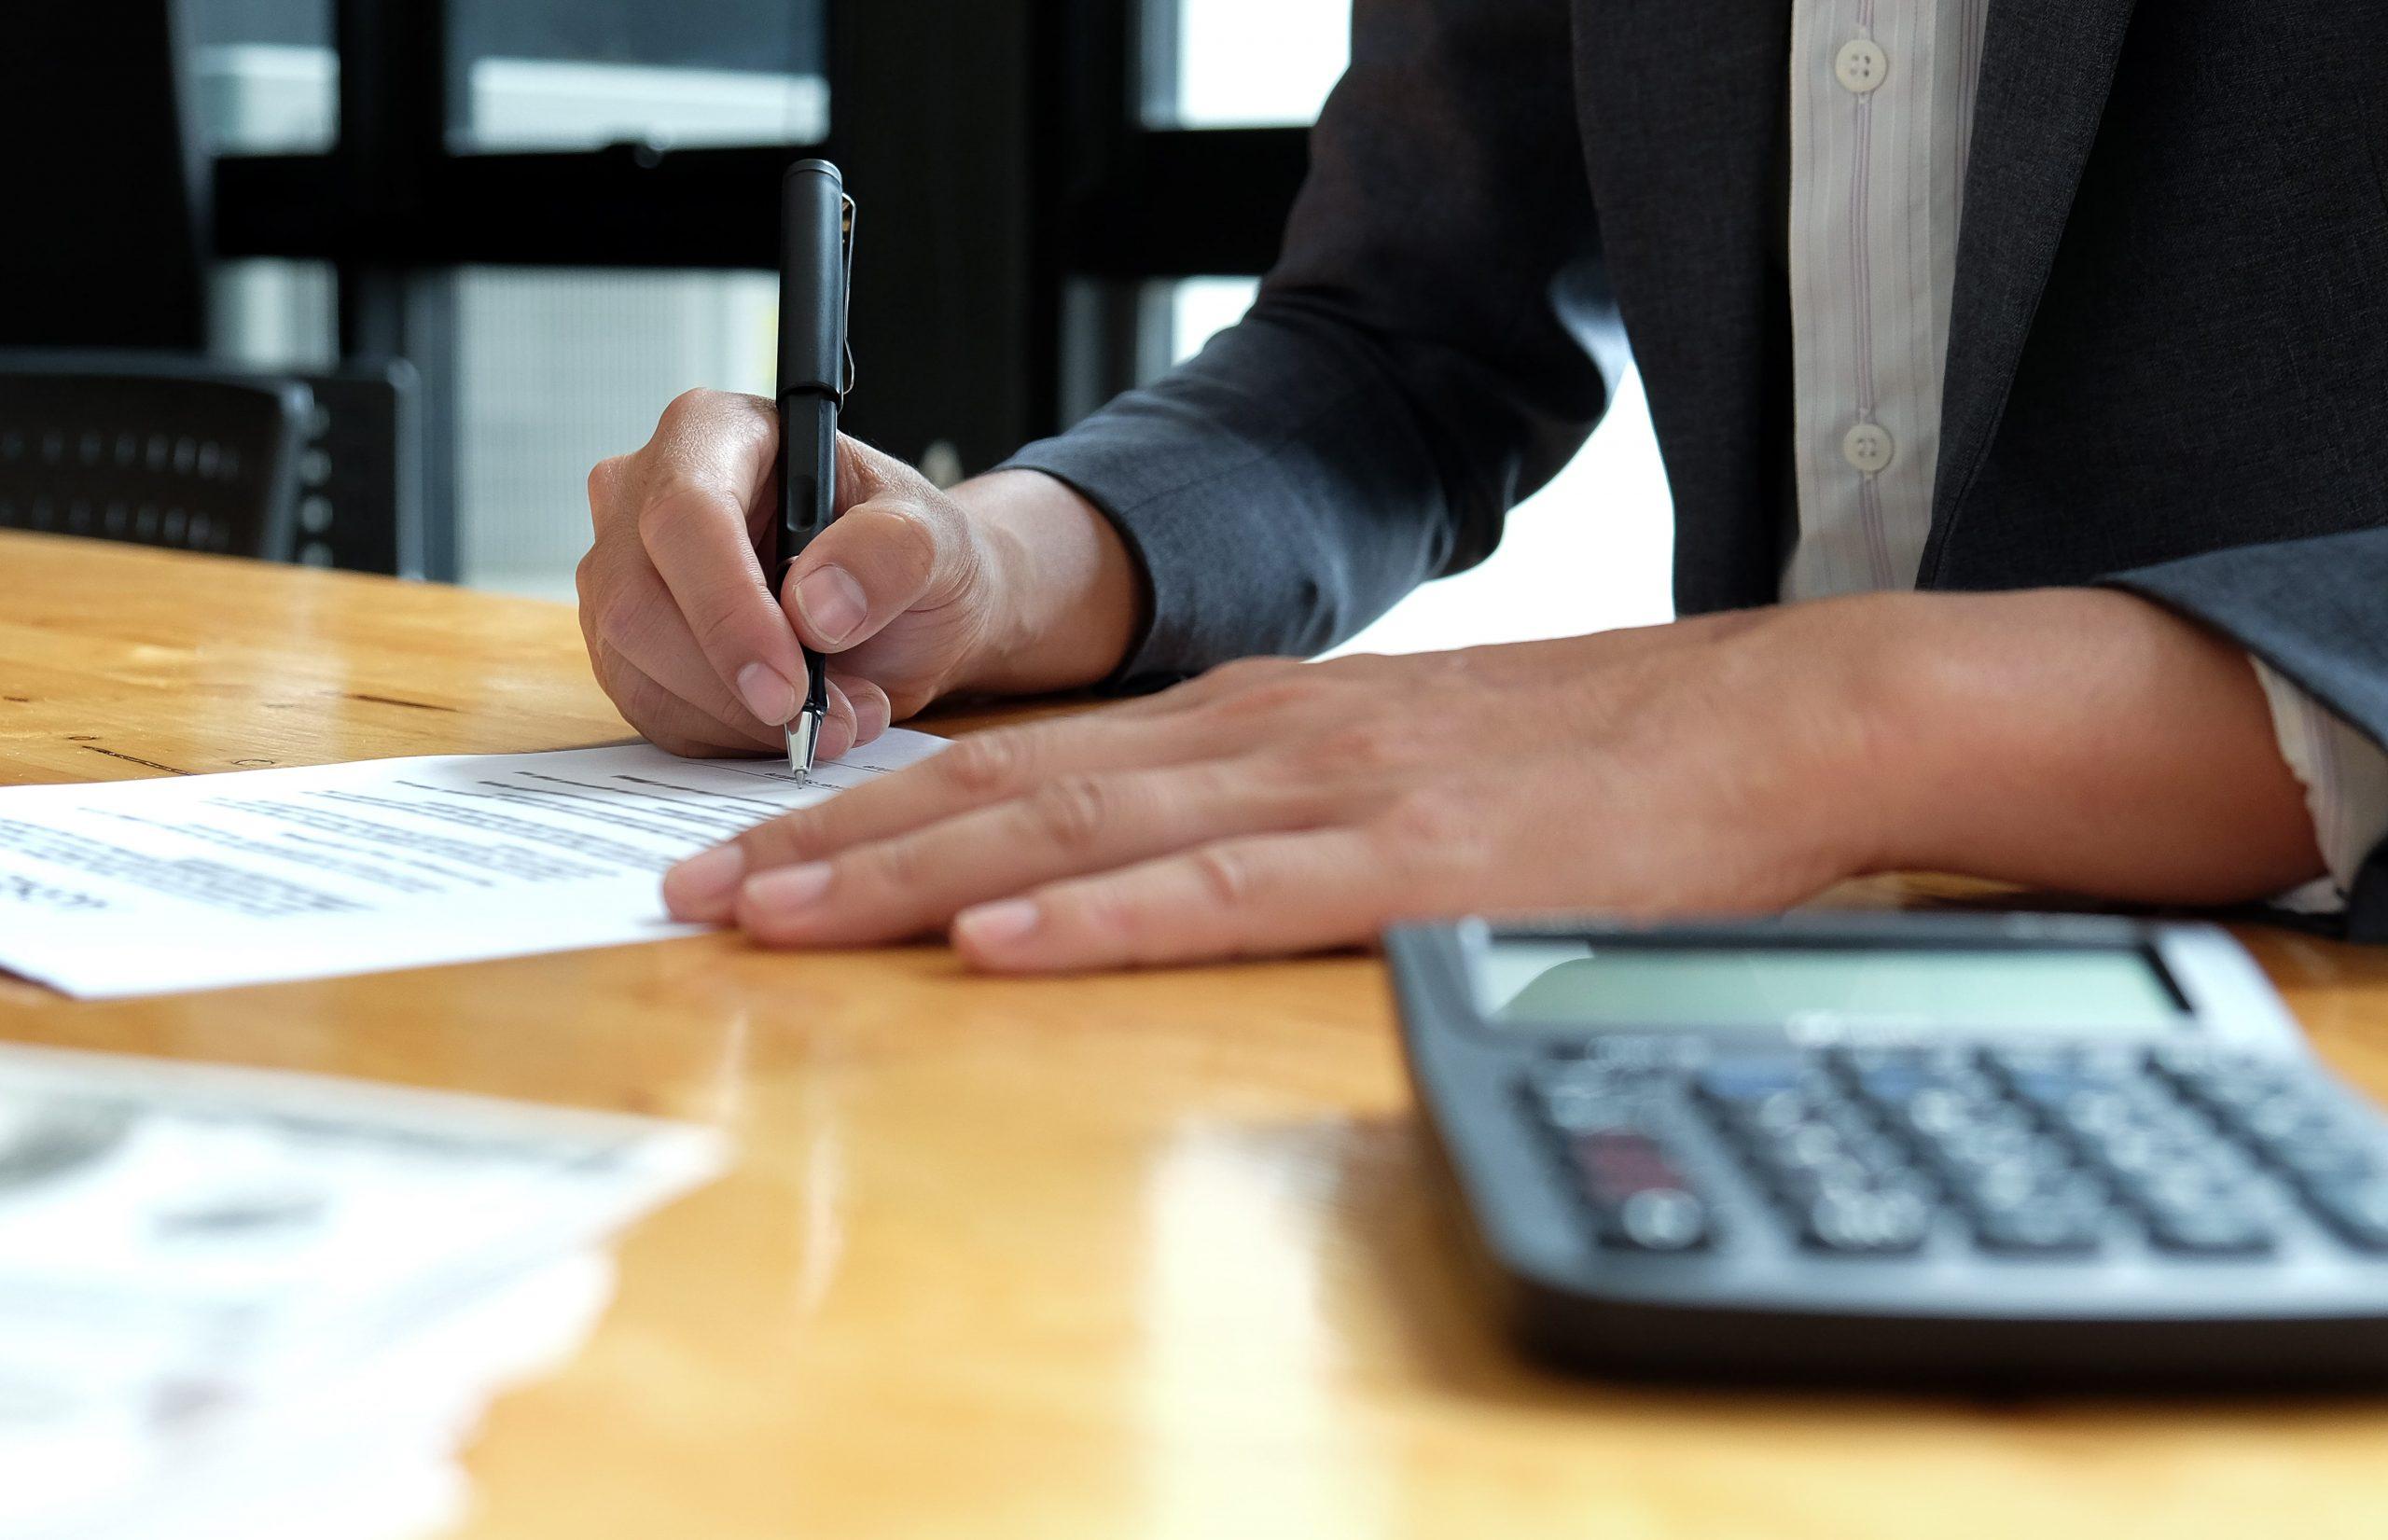 بوليصة التأمين والأمور التي يجب الانتباه لها عند حصولك عليها